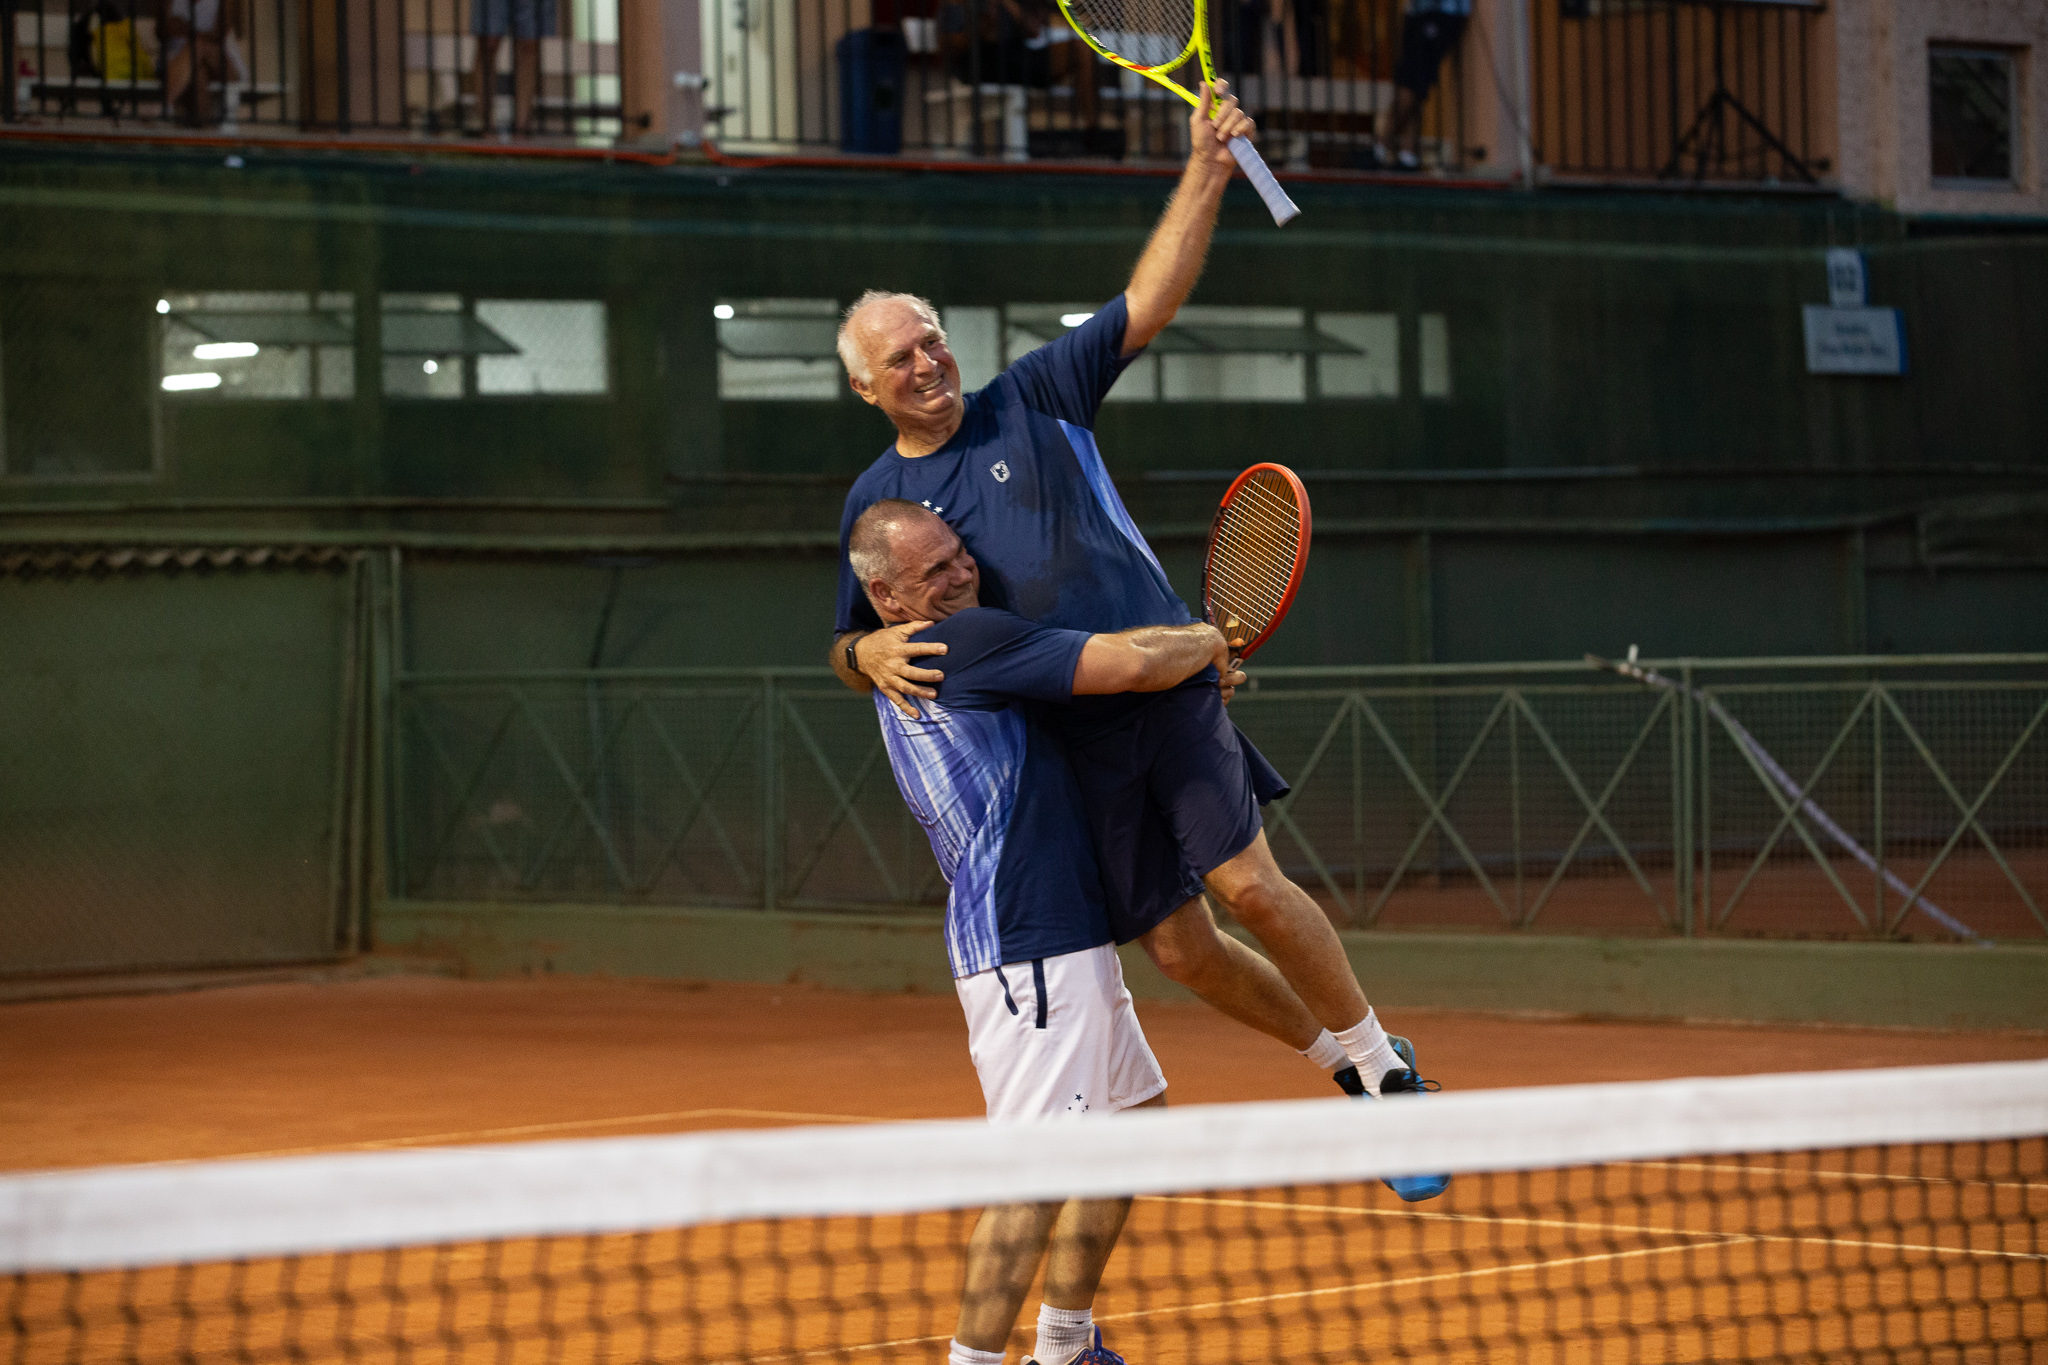 A paixão pelo esporte com os associados Gustavo Callefi e Thomaz Koch